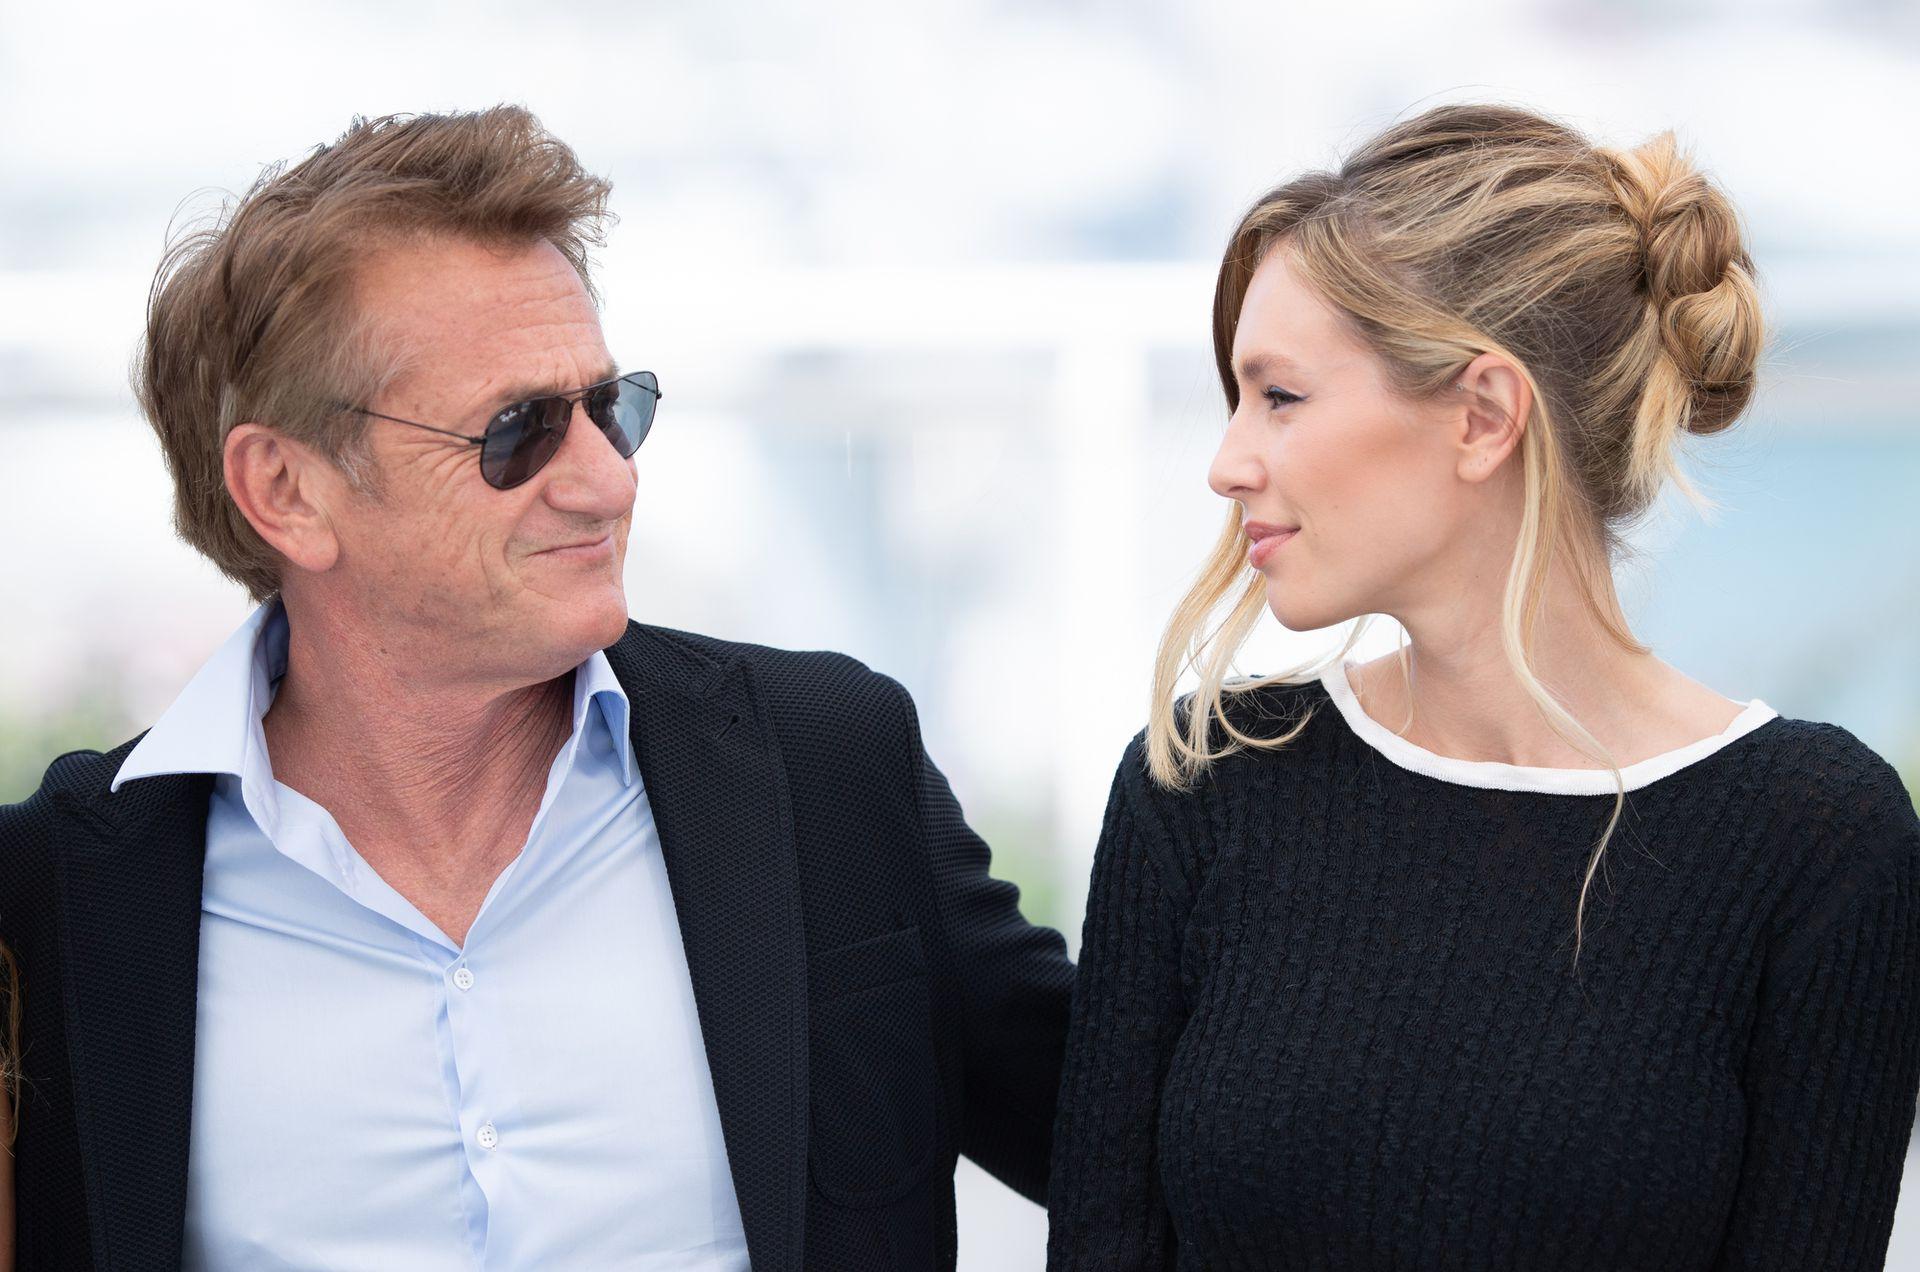 """Sean y Dylan Penn en el photocall para la película Flag Day, en Cannes: """"Papá y mamá me dijeron por separado: no vas a ser una buena directora si no sabes lo que es estar en los zapatos del actor"""", contó Dylan en la rueda de prensa de presentación del film"""